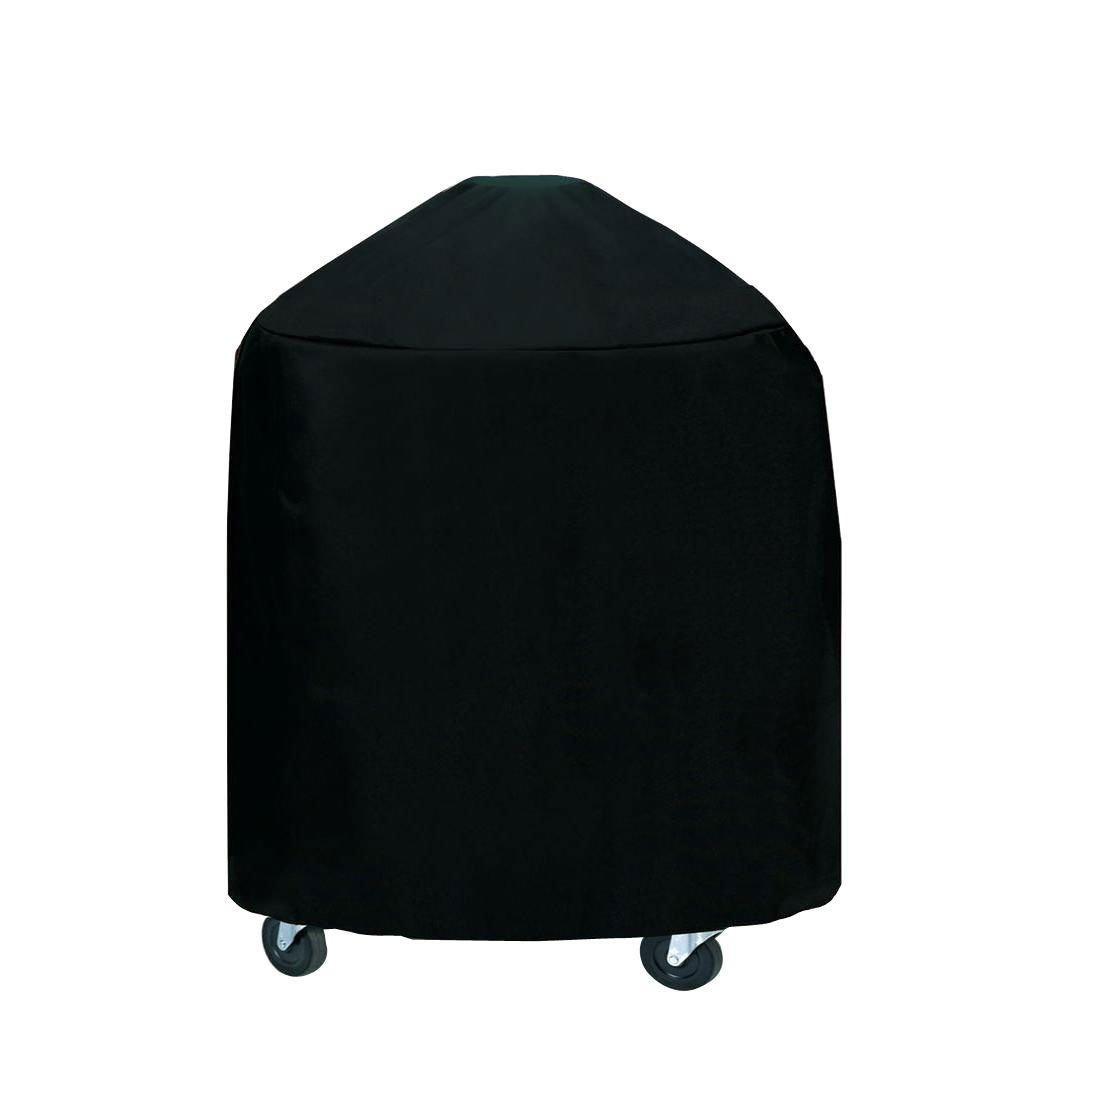 Irypulse Funda para Barbacoa Impermeable Anti-polvo Anti-UV Cubierta de Parrilla Velcro con Bolsa de Almacenamiento, para Adaptarse a Variedad de ...